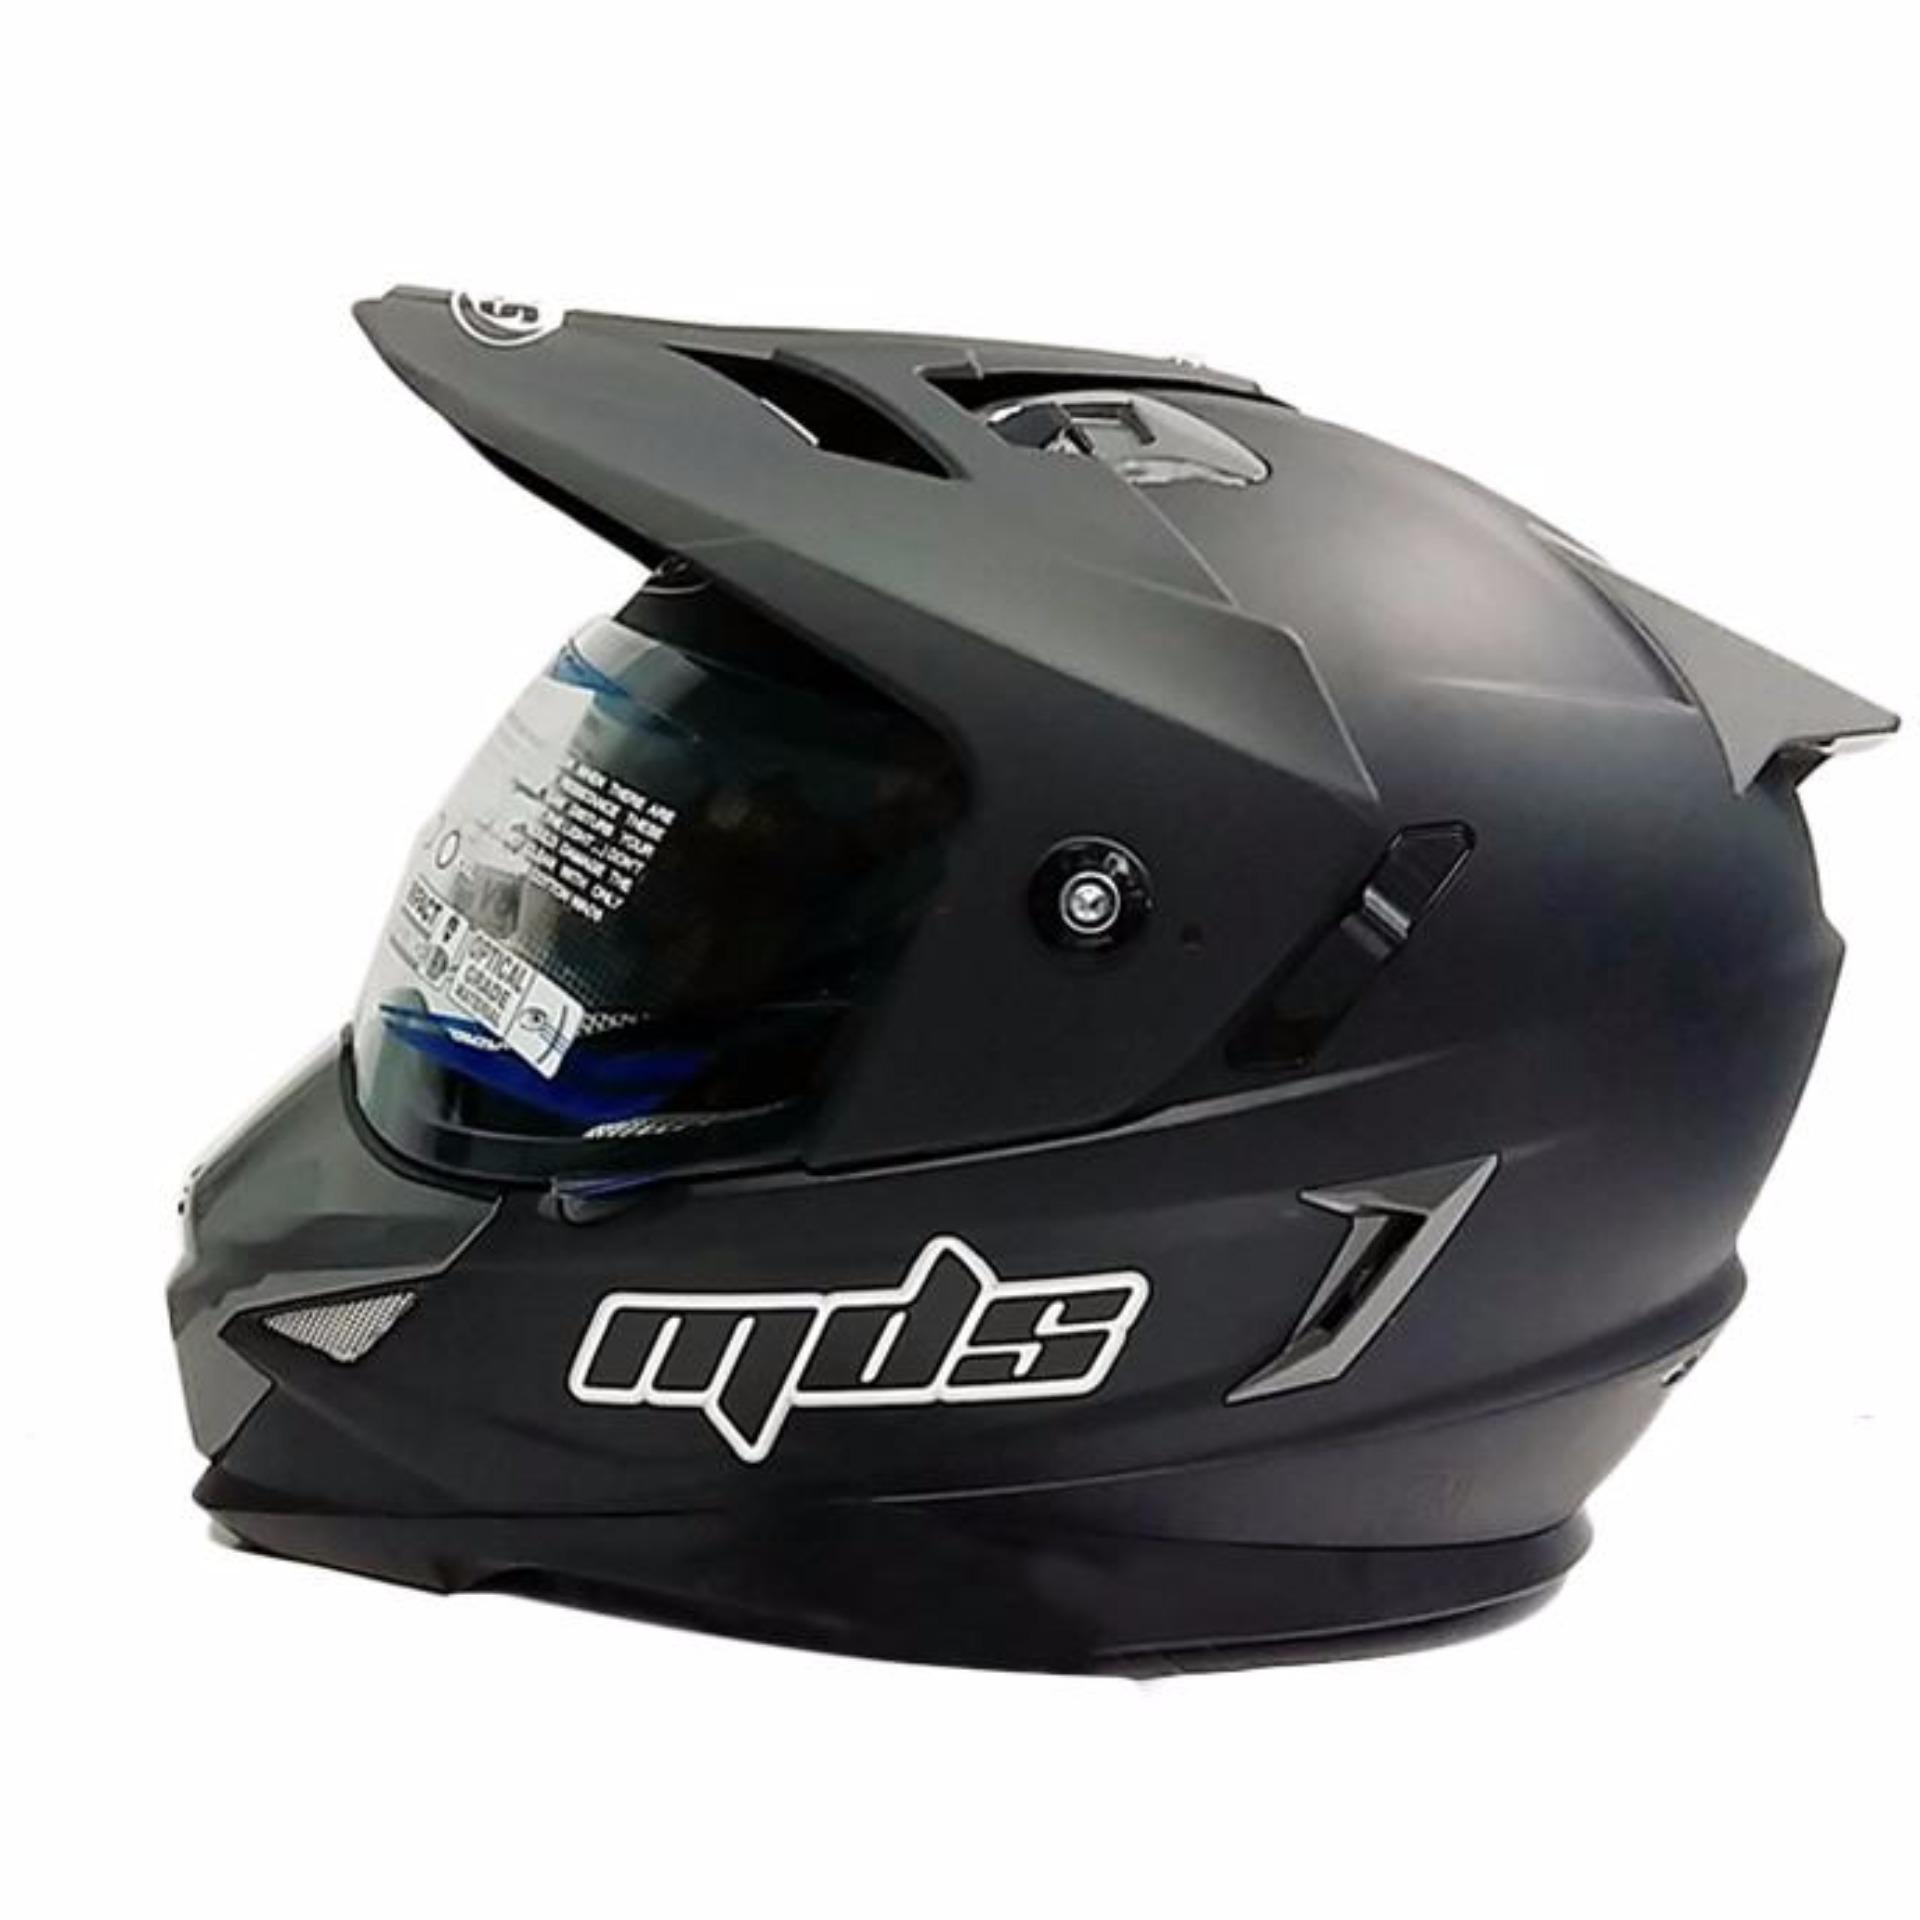 Honda Helm Full Face Cbr 125150 Black Doff Daftar Snail Mx309 Motocross Motif Skull Hitam Kilap Mds Motor Cross Super Pro Supermoto Double Visor Yamaha